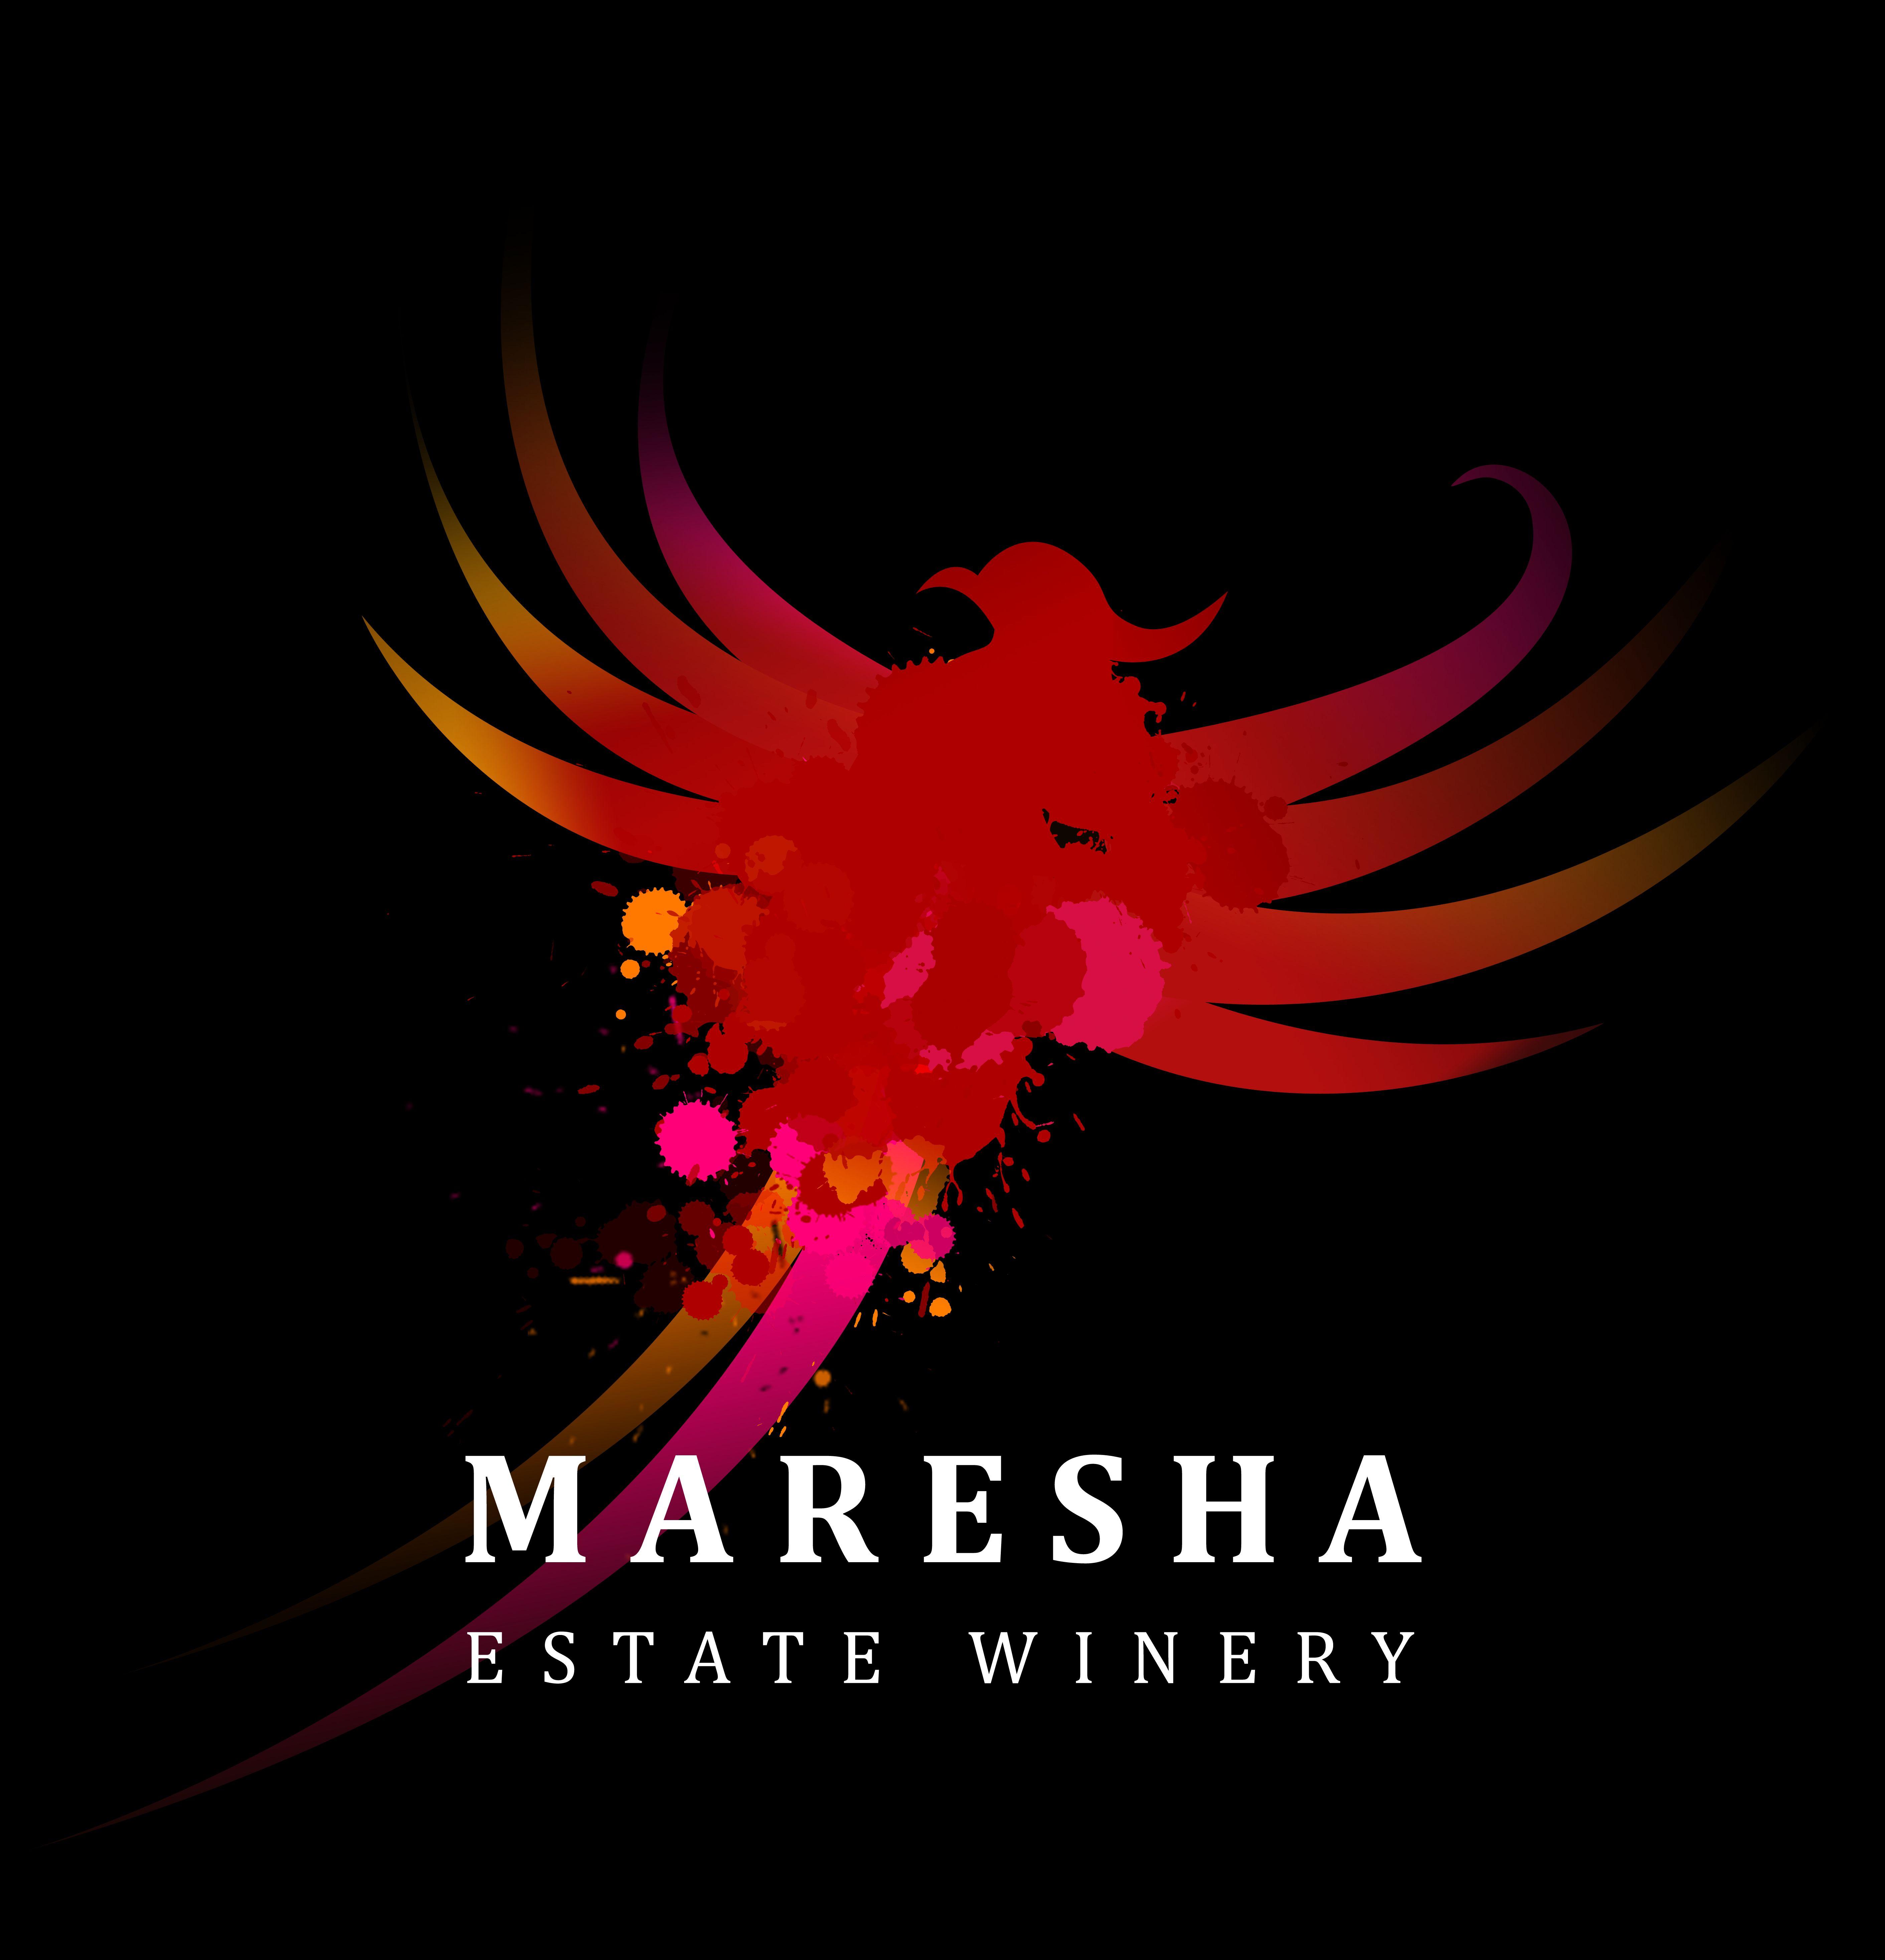 יקב מרשה – Maresha Estate Winery